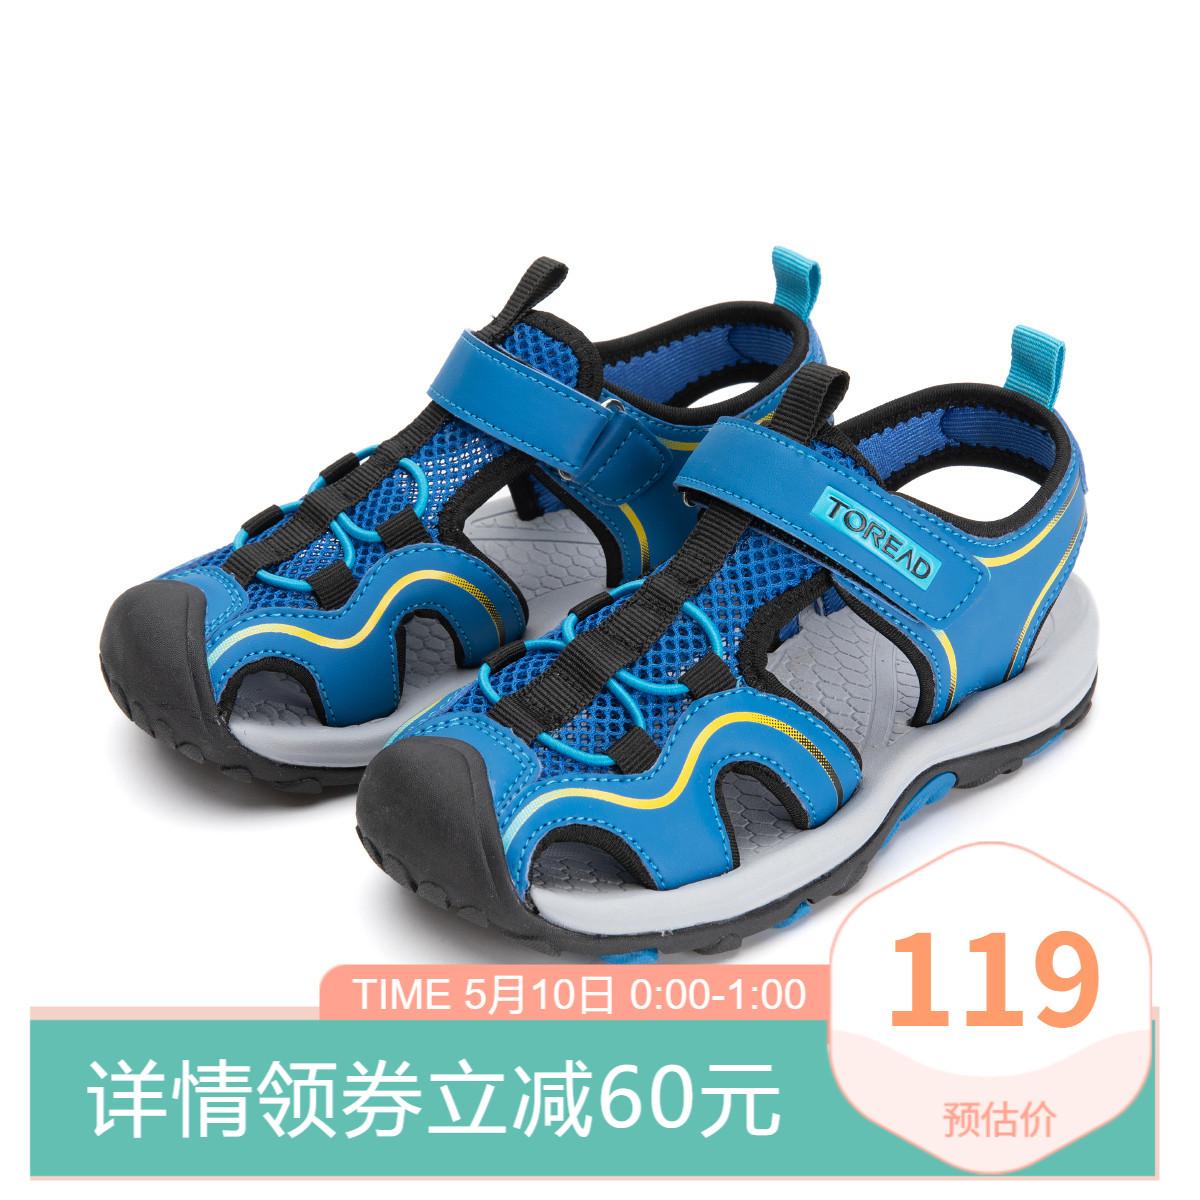 探路者童鞋21春夏新品男女童百搭织带凉鞋儿童防滑溯溪鞋沙滩鞋